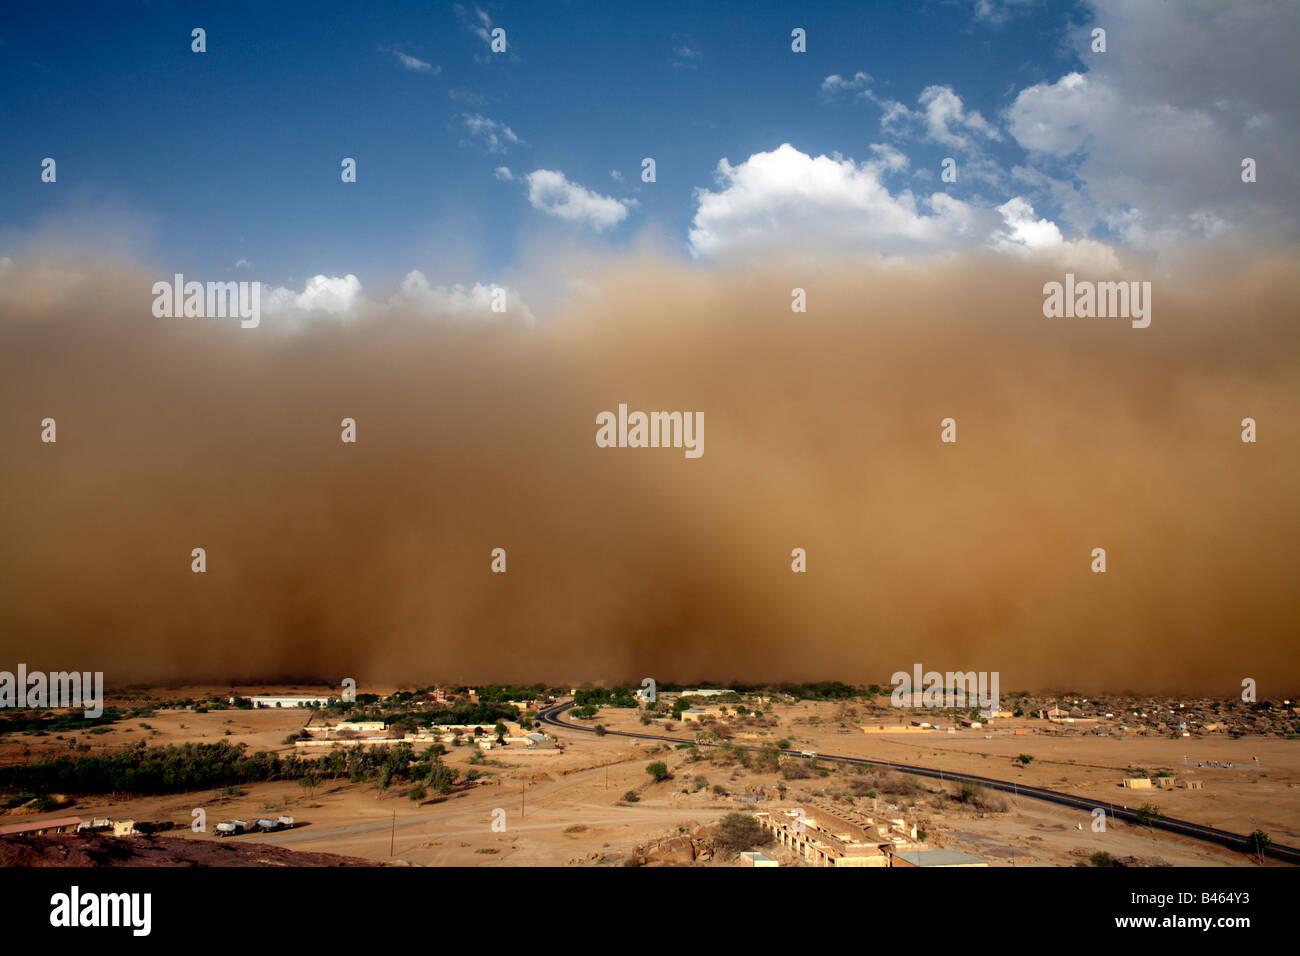 Una tempesta di sabbia è visto in Eritrea vicino al confine sudanese. Immagini Stock